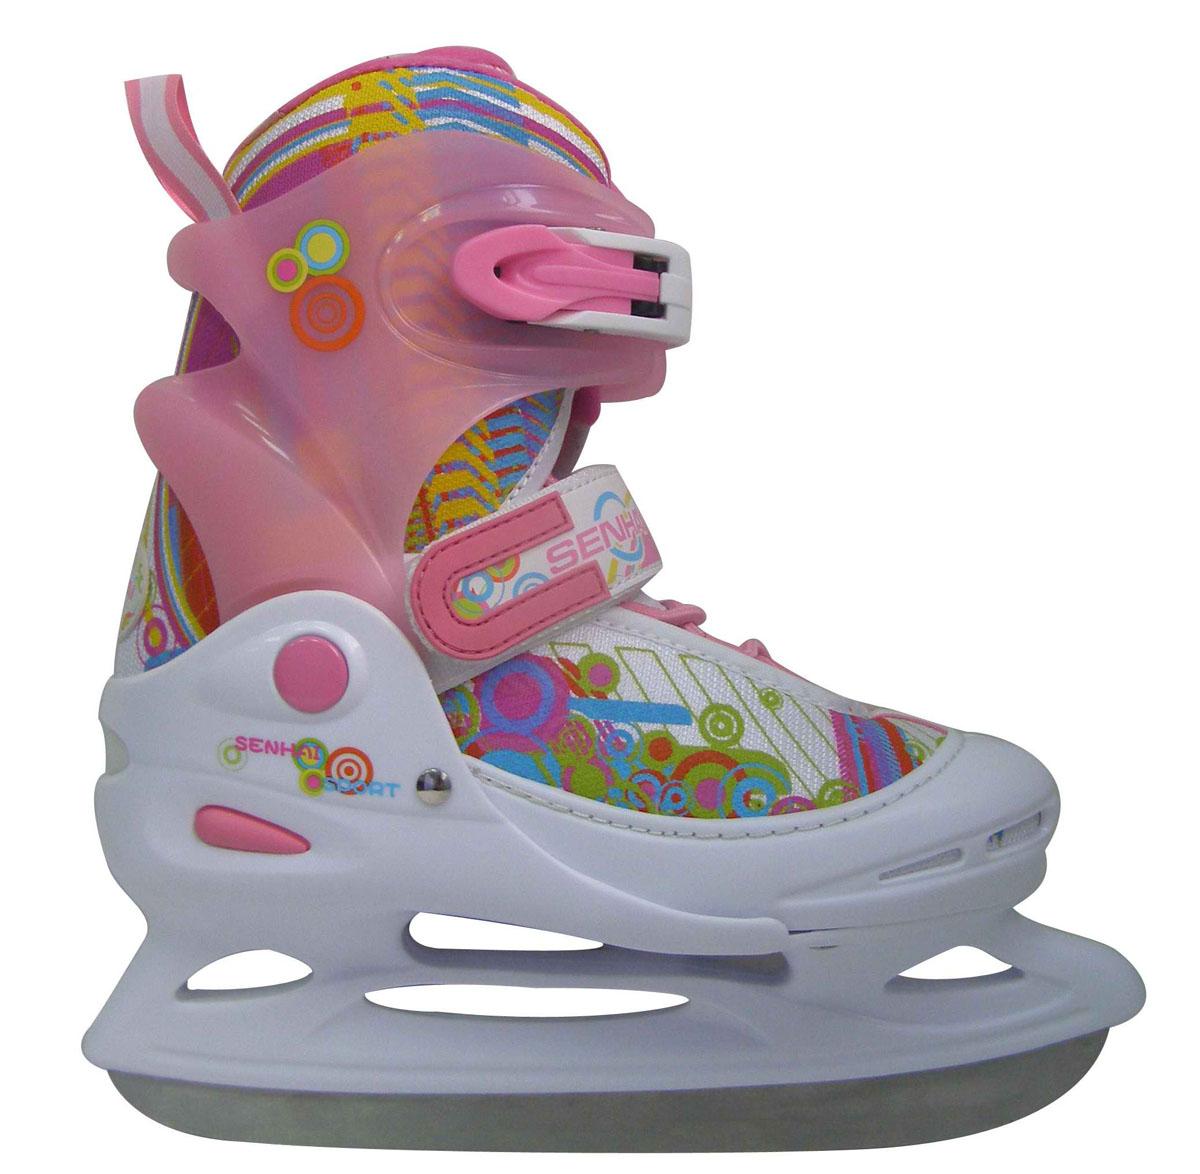 Коньки ледовые для девочки Action, раздвижные, цвет: белый, розовый, голубой. PW-111. Размер 34/37 PW-111_розовый, белый_34/37